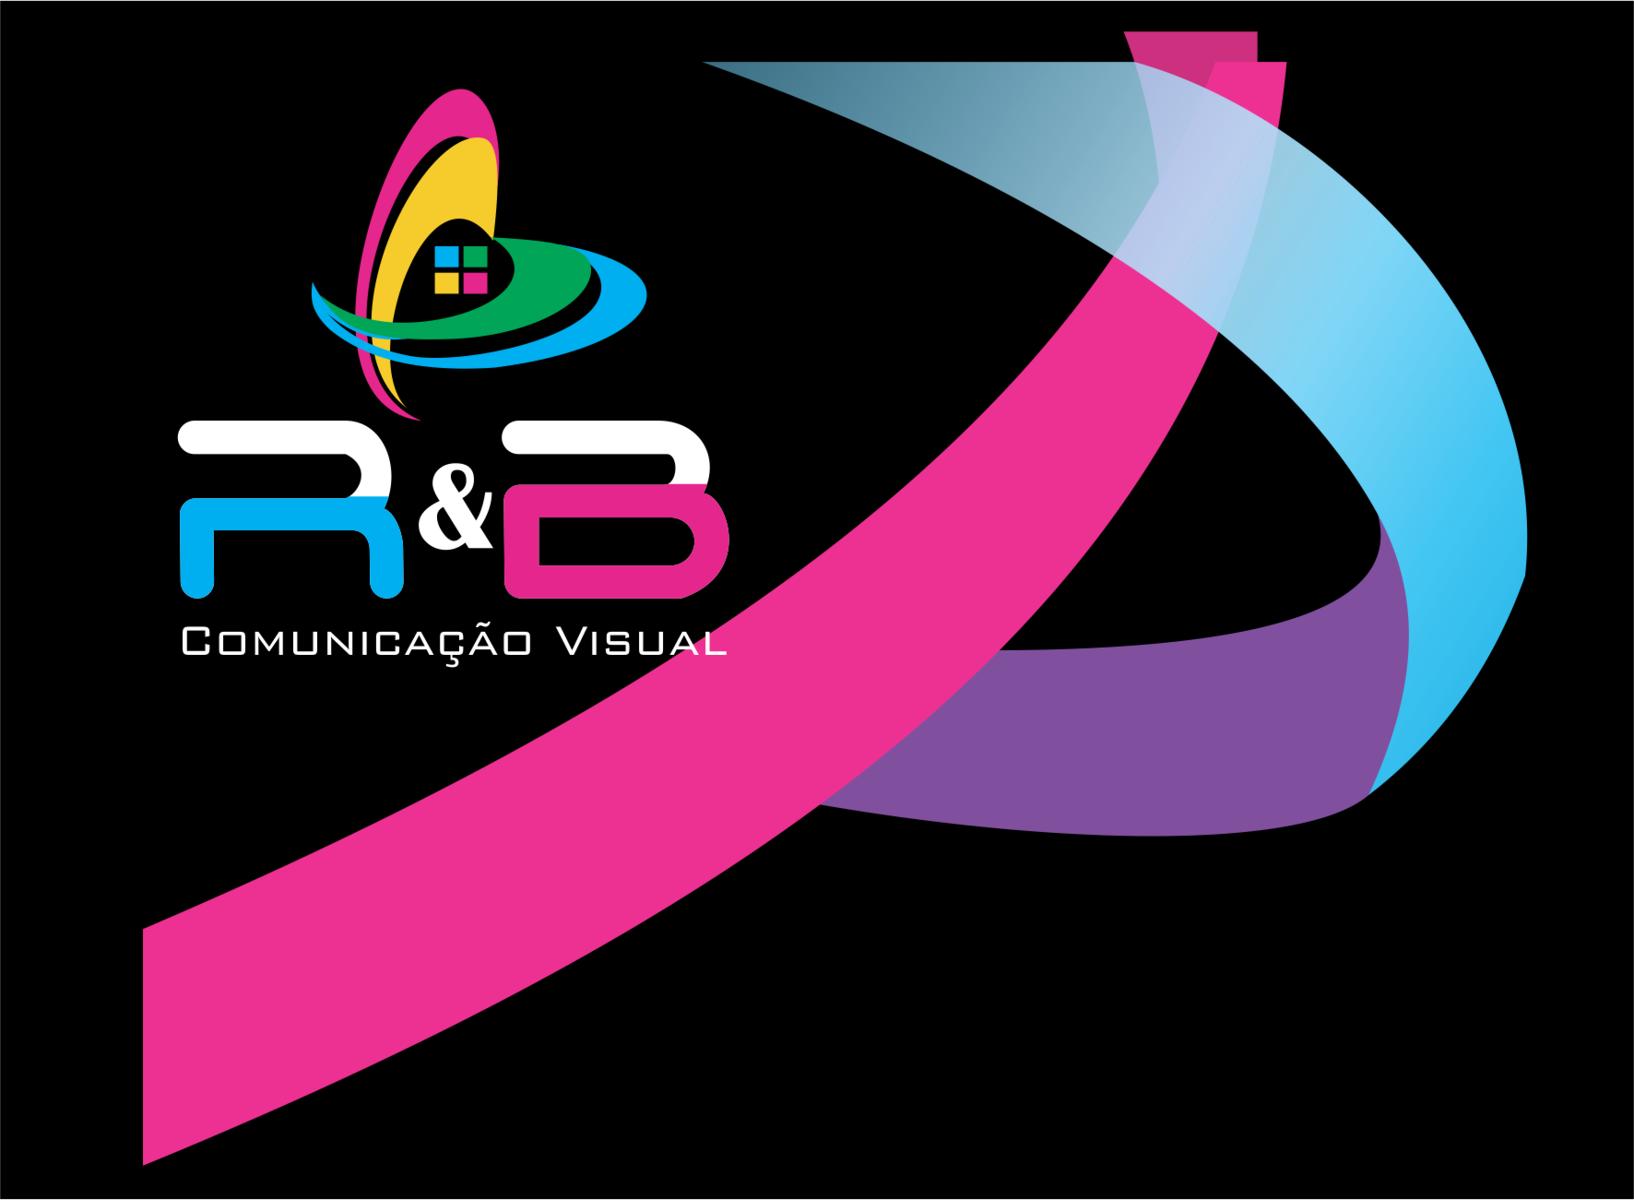 R & B Comínicação Visual